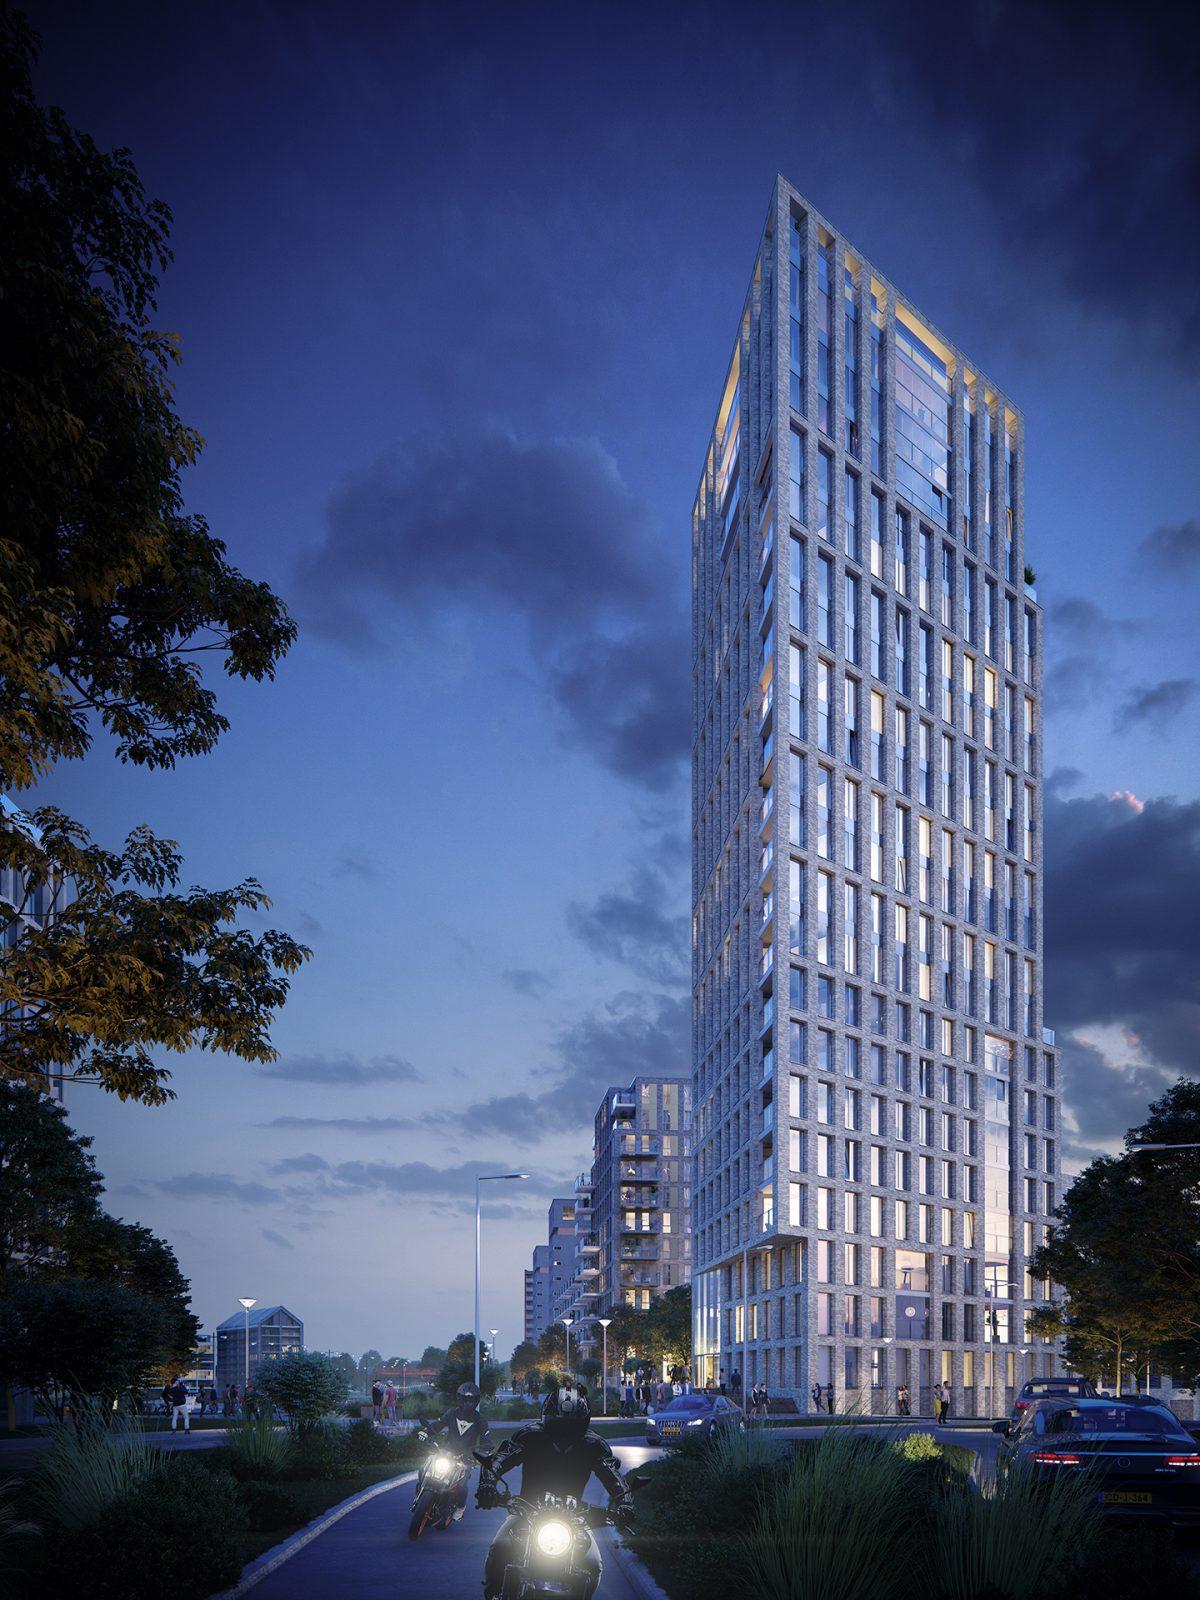 BIG NEWS: JURY! Ontwerpt iconische toren en twee woongebouwen aan de Waal in Nijmegen